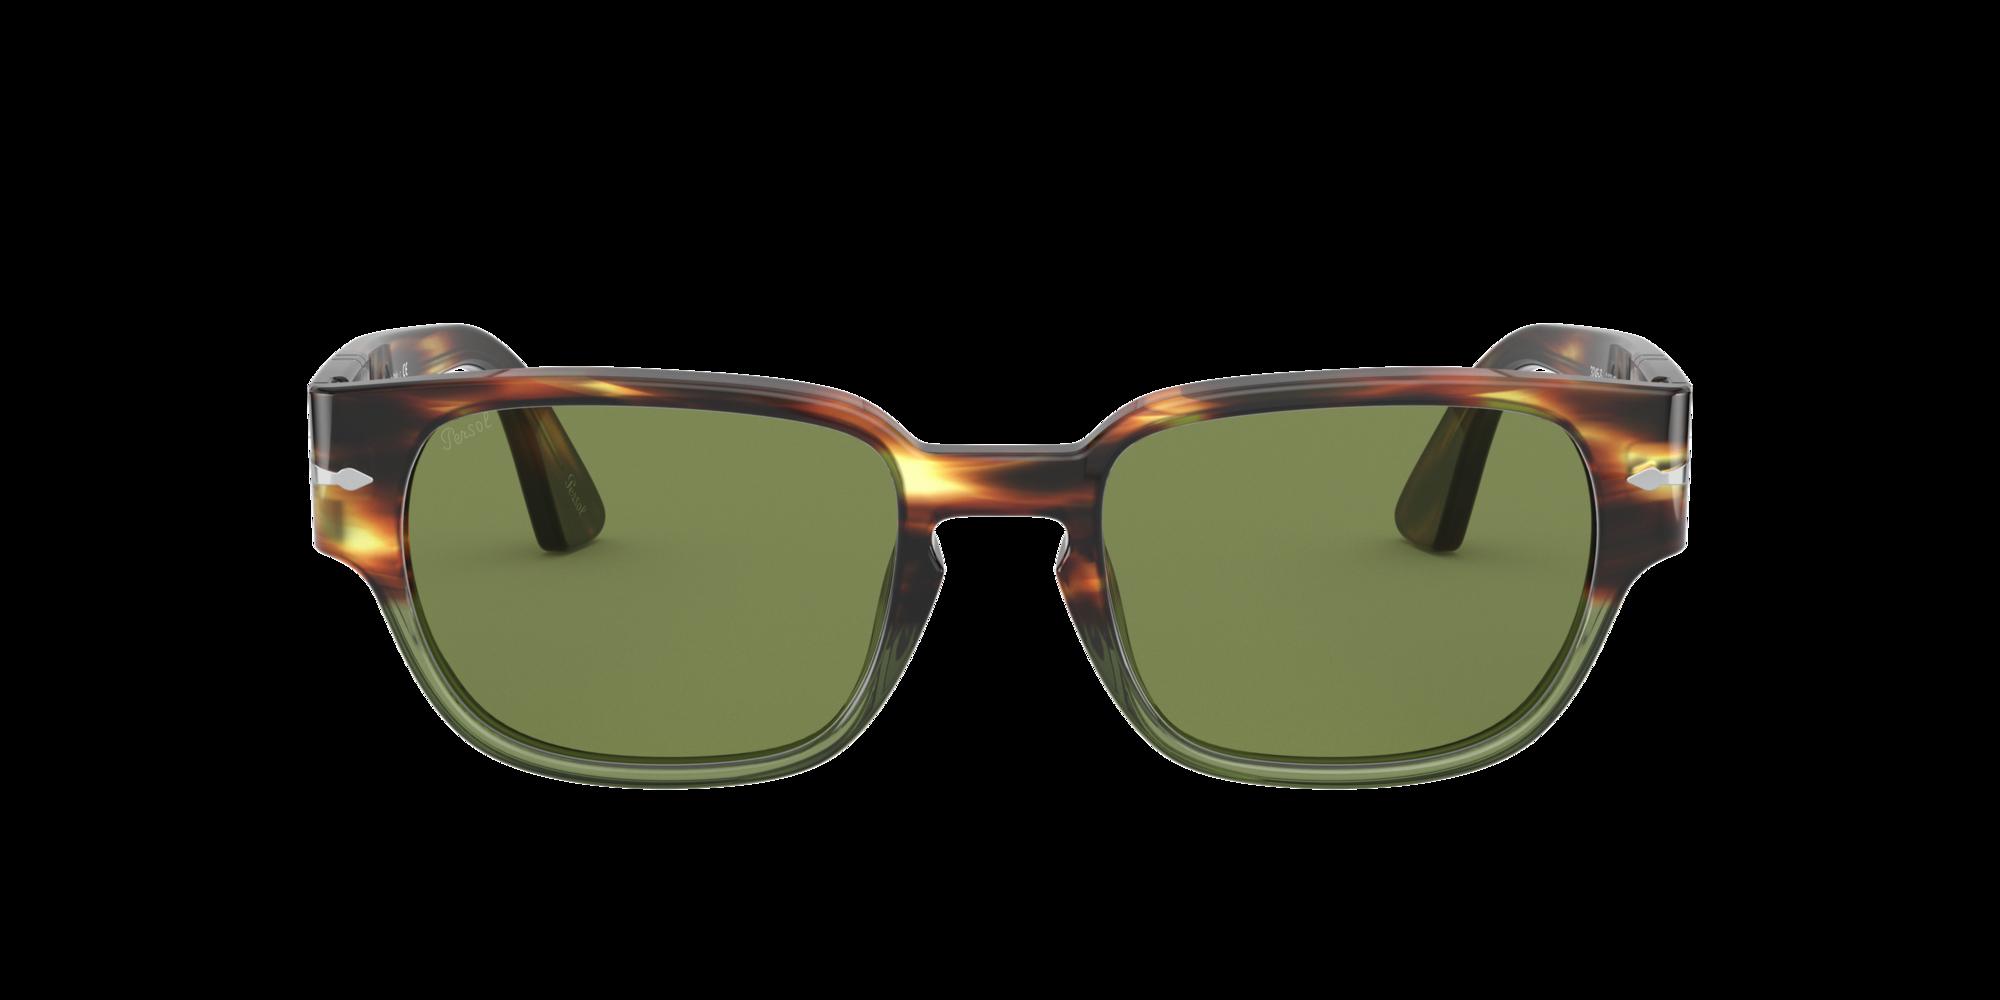 Imagen para PO3245S de LensCrafters |  Espejuelos, espejuelos graduados en línea, gafas